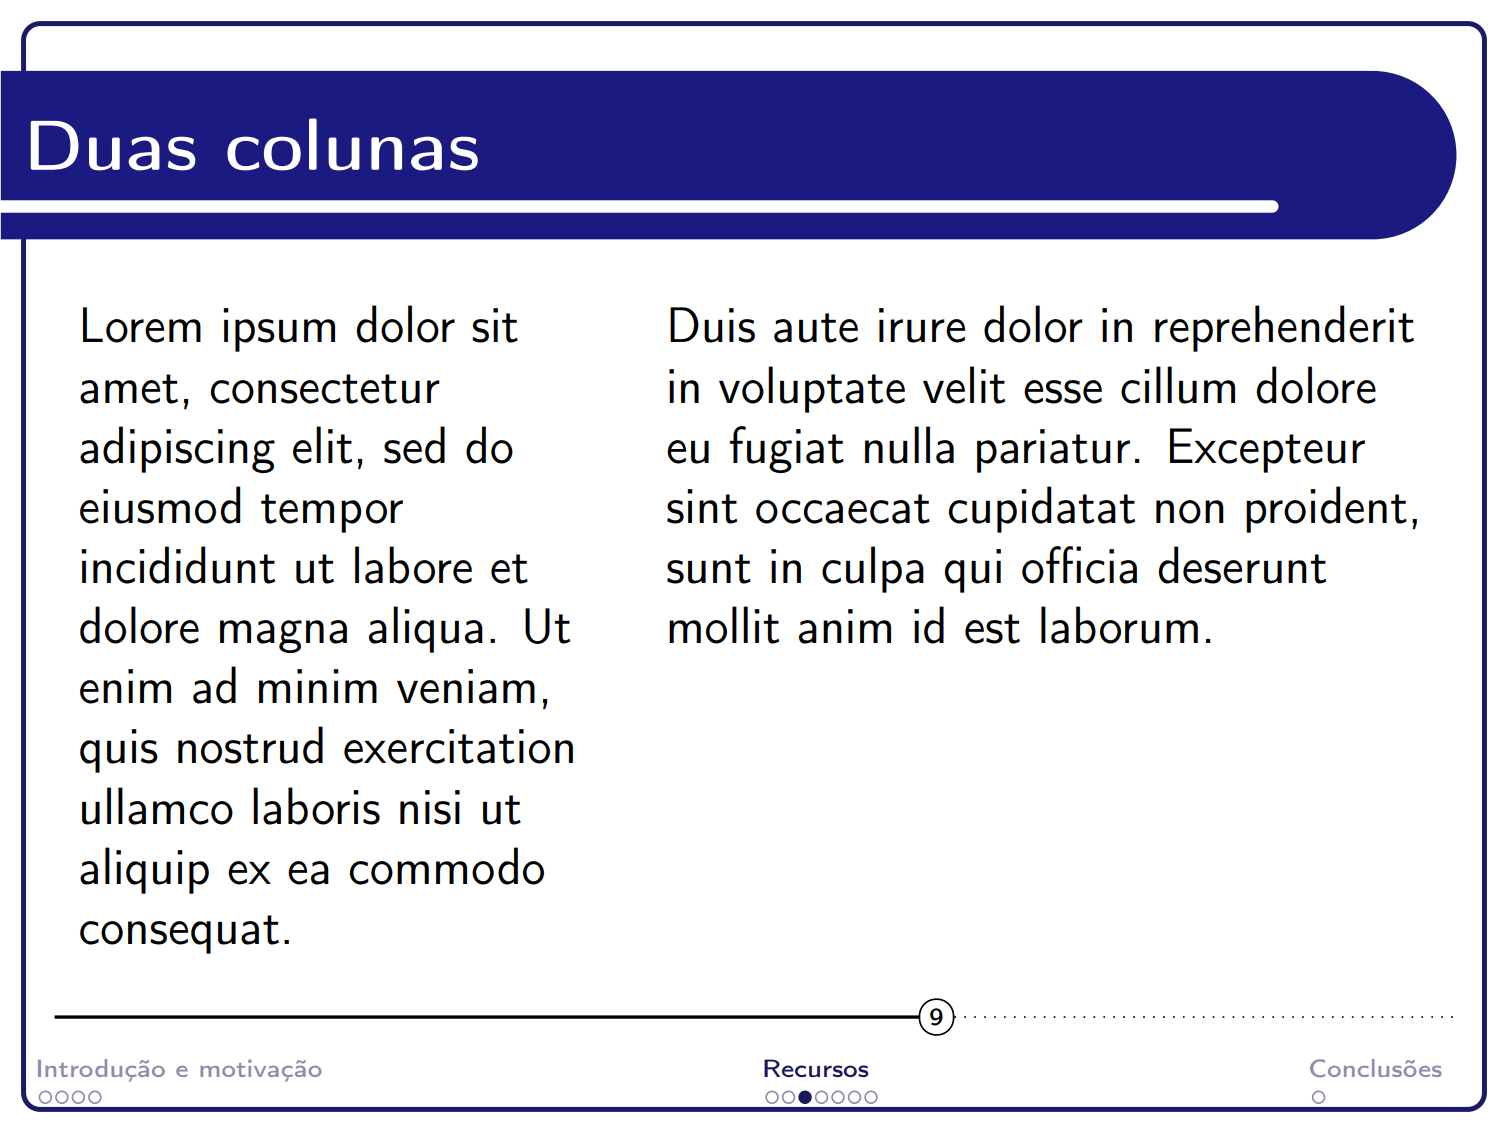 巴西圣卡洛斯联邦大学语言学和计算智能实验室 beamer 主题